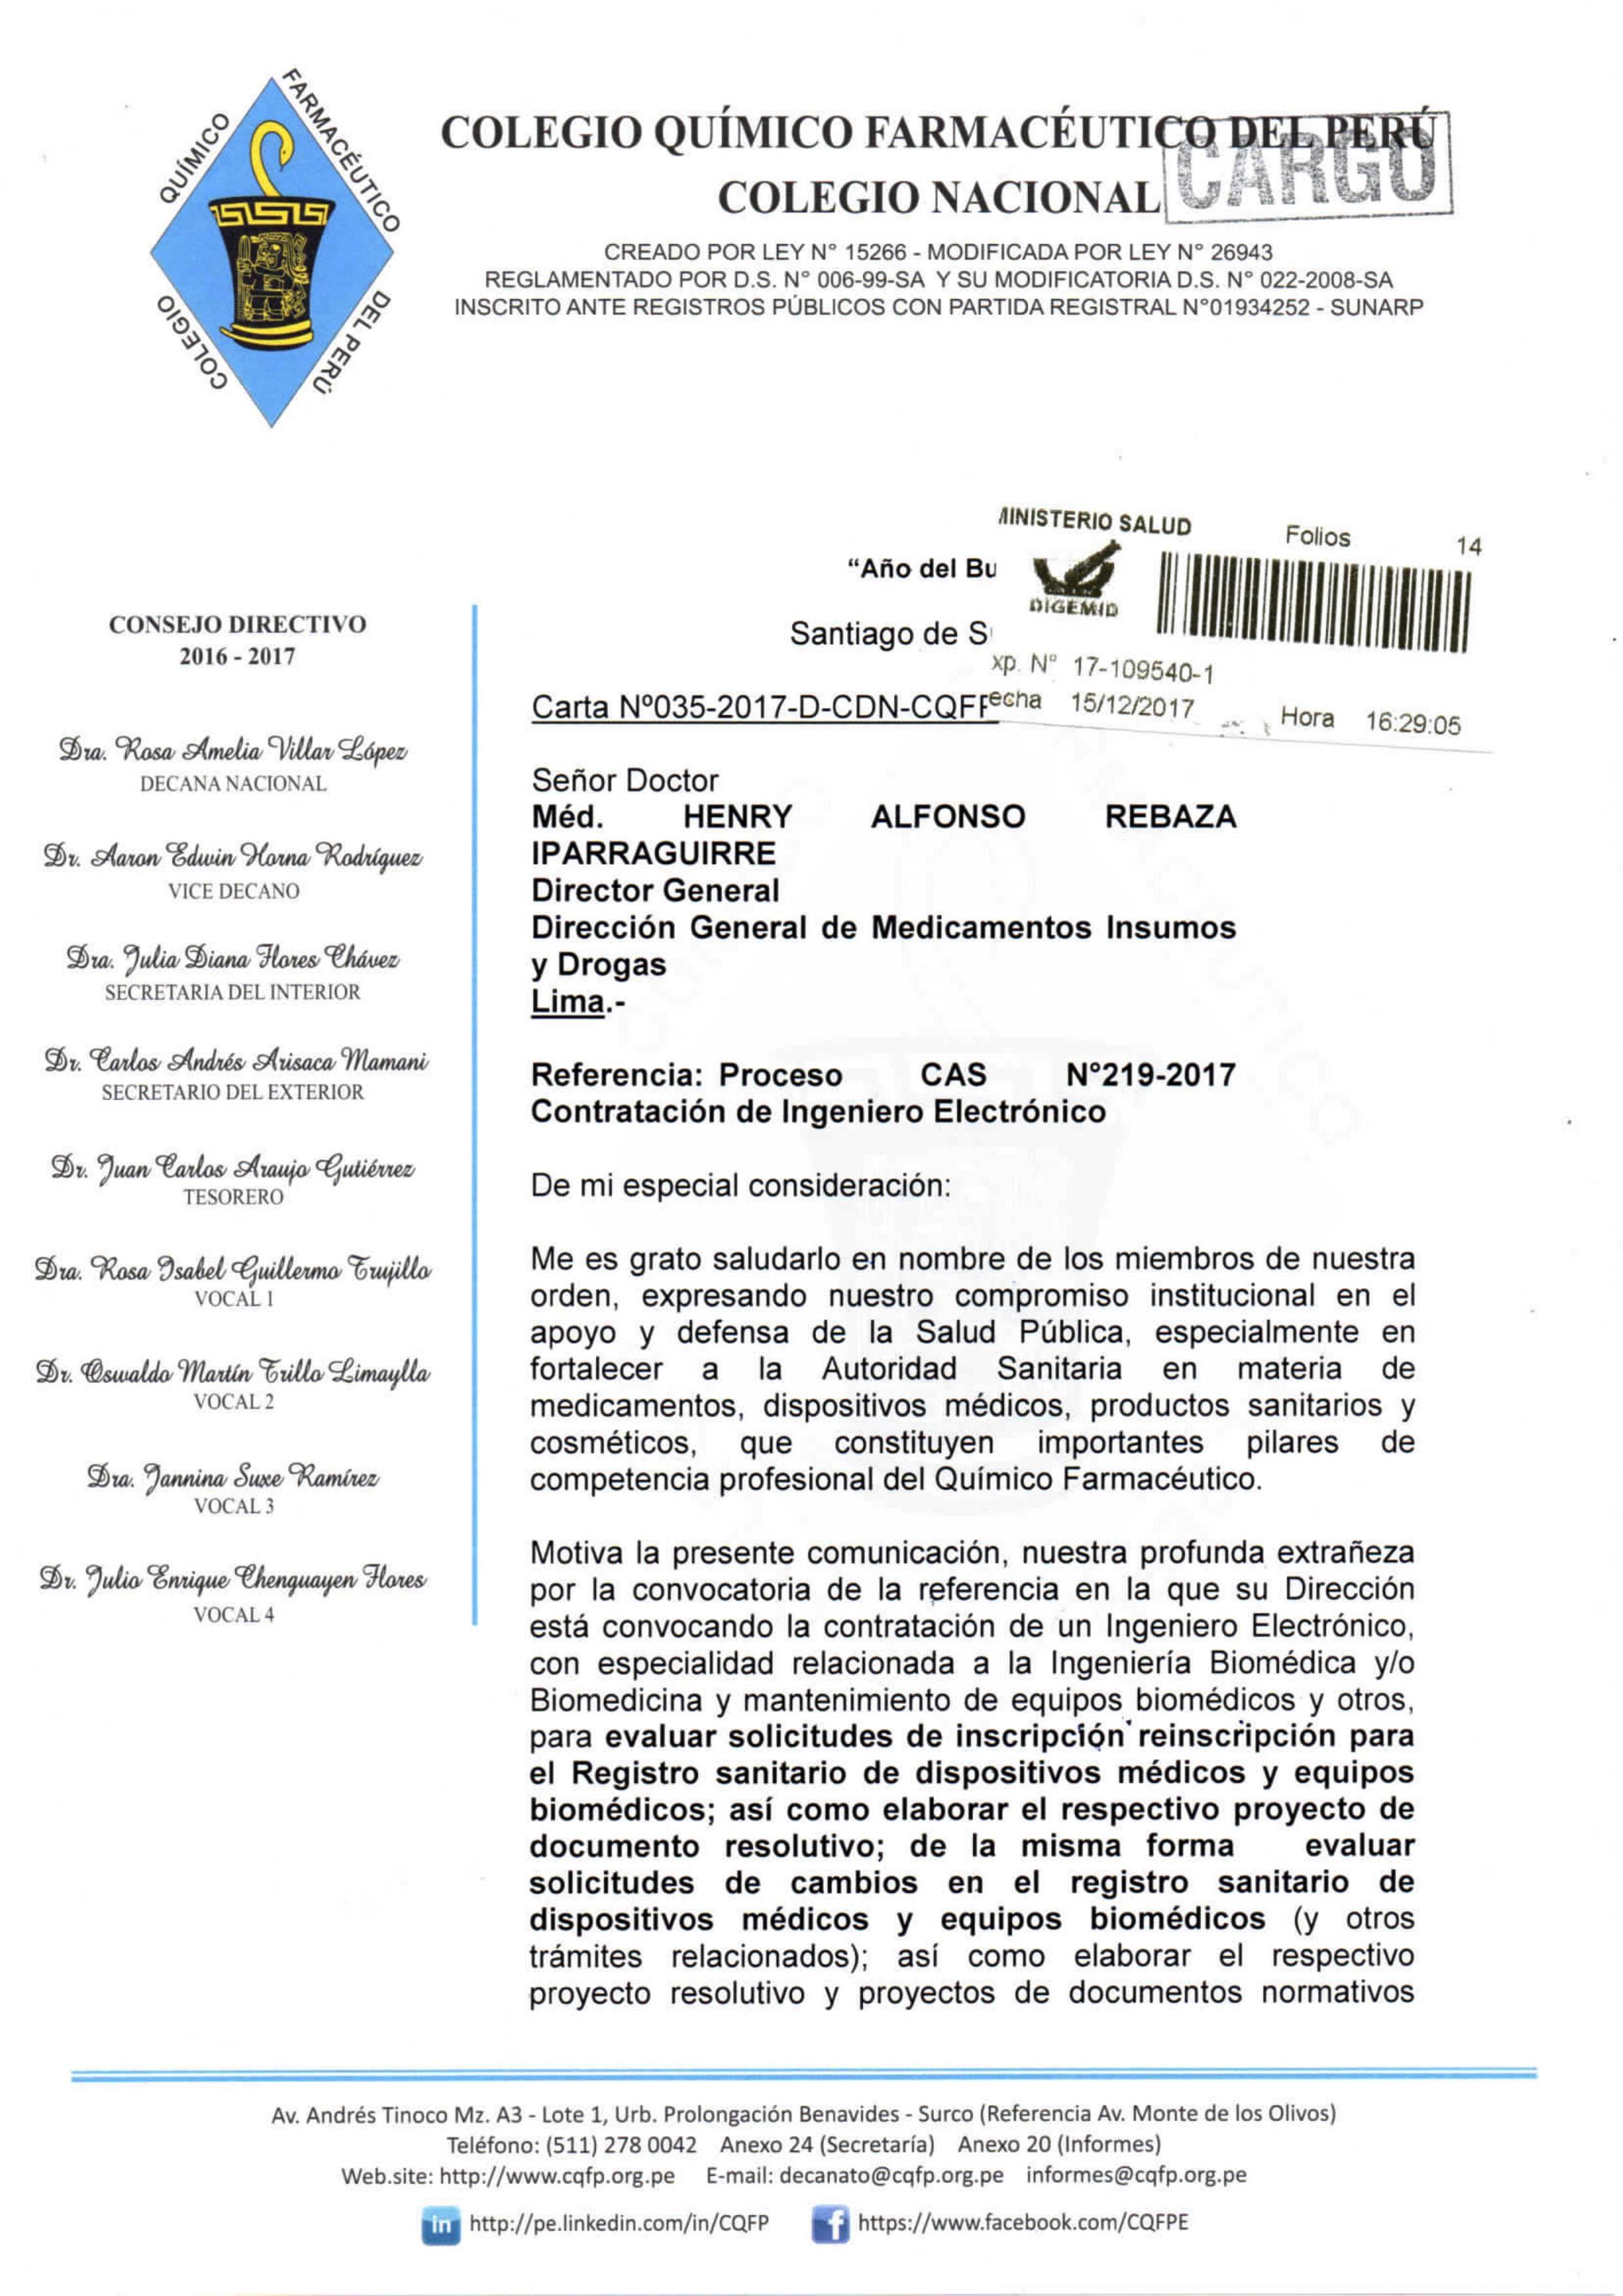 CARTA Nº035-2017-D-CDN-CQFP